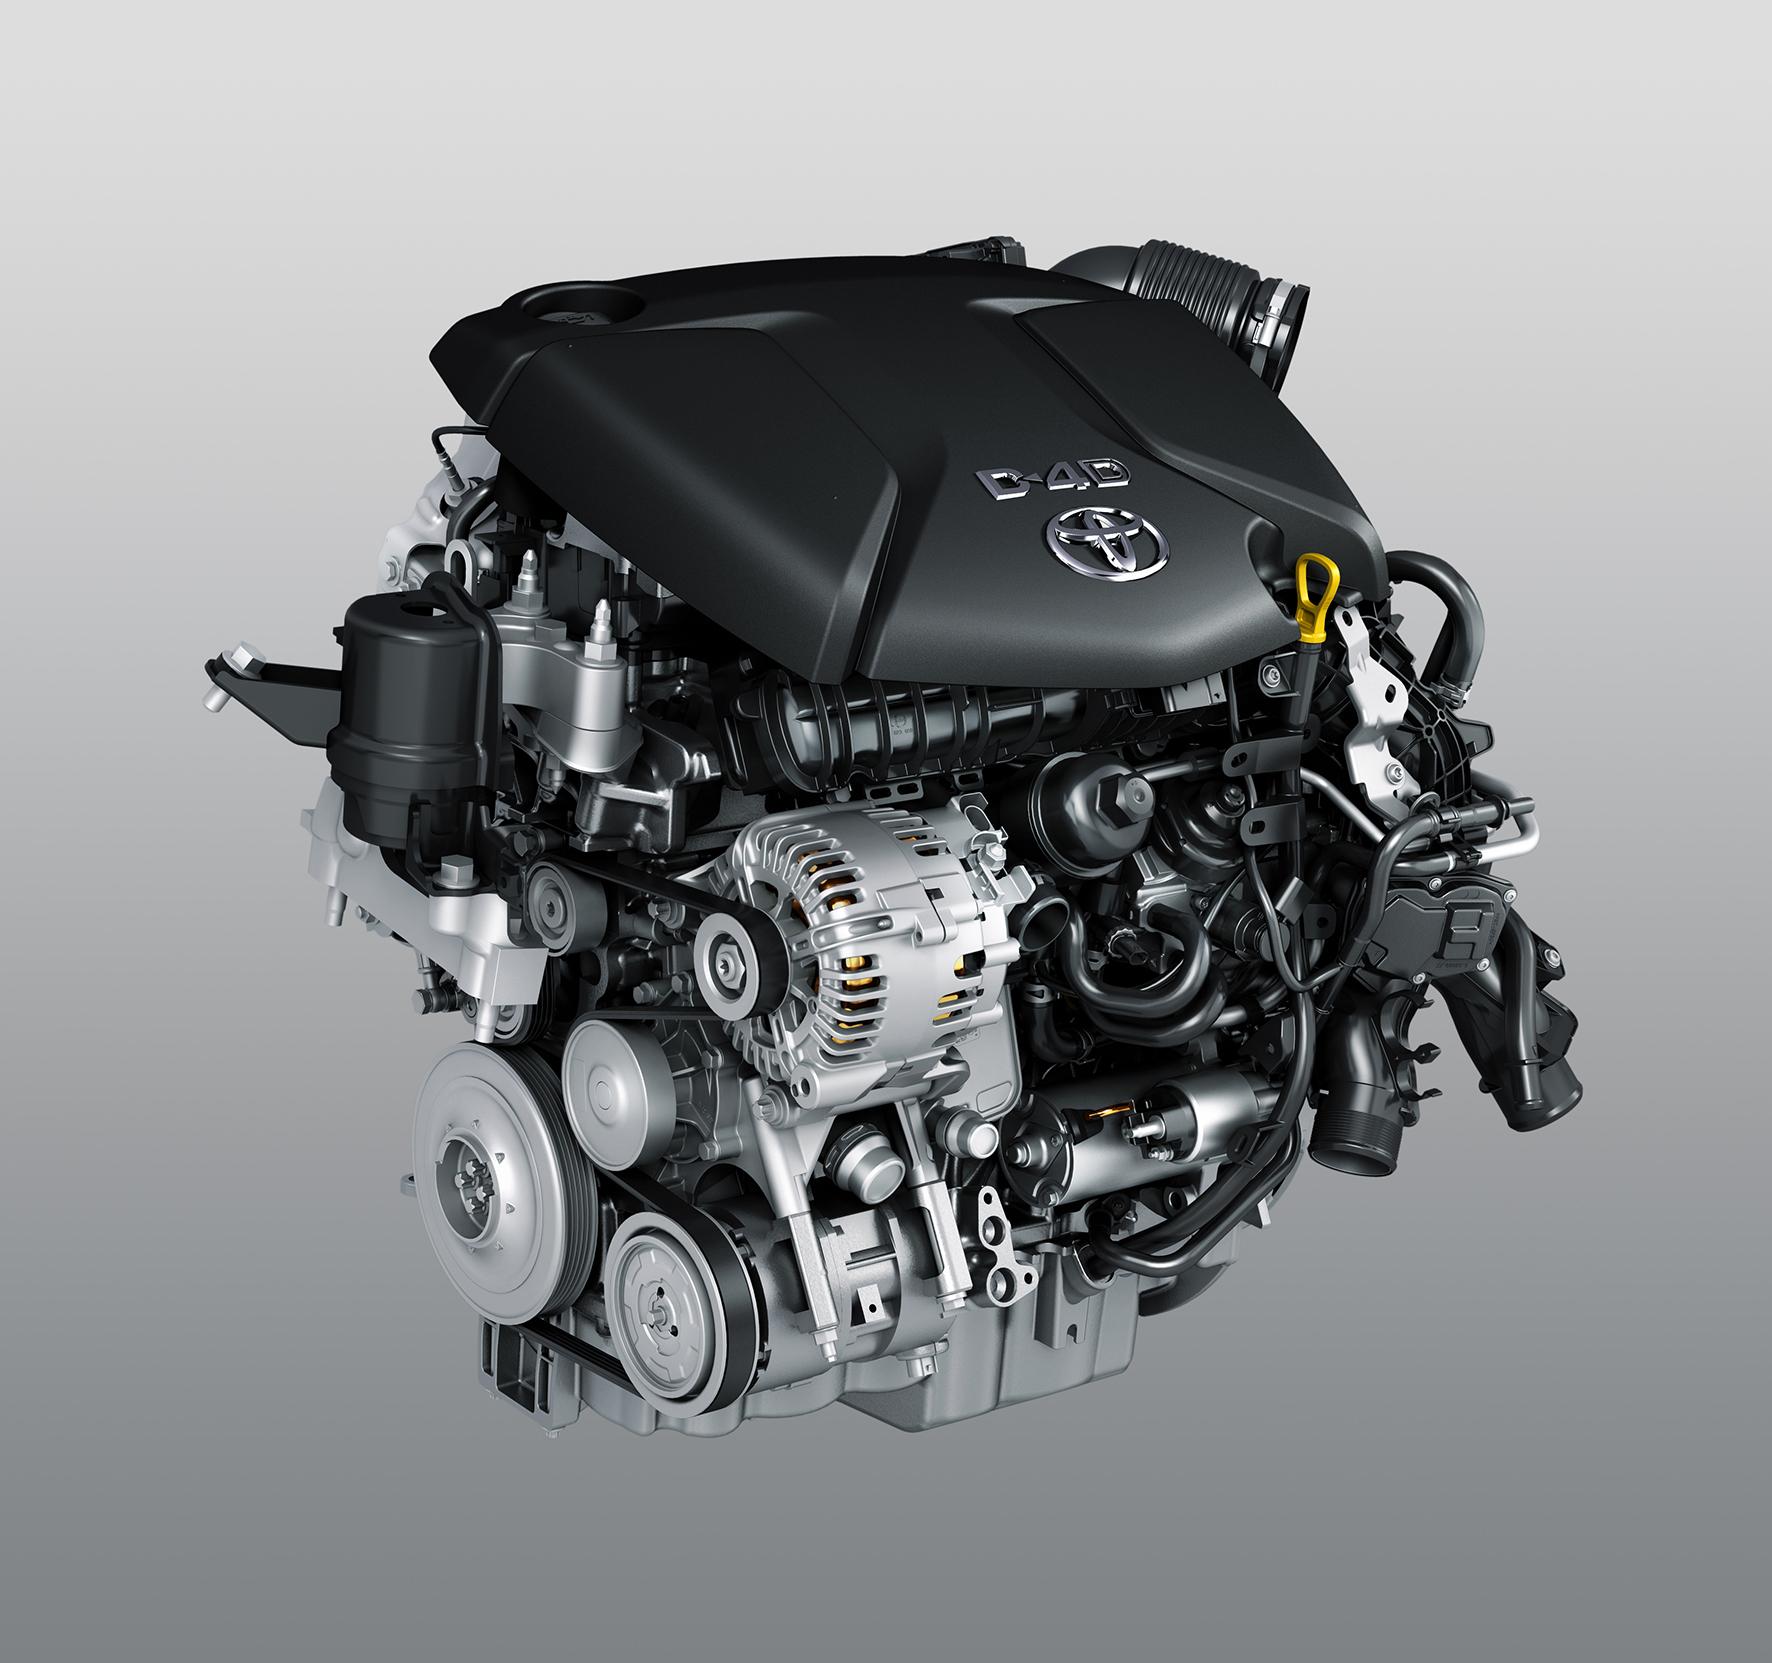 De 1.6 D-4D-F van Toyota komt van BMW.